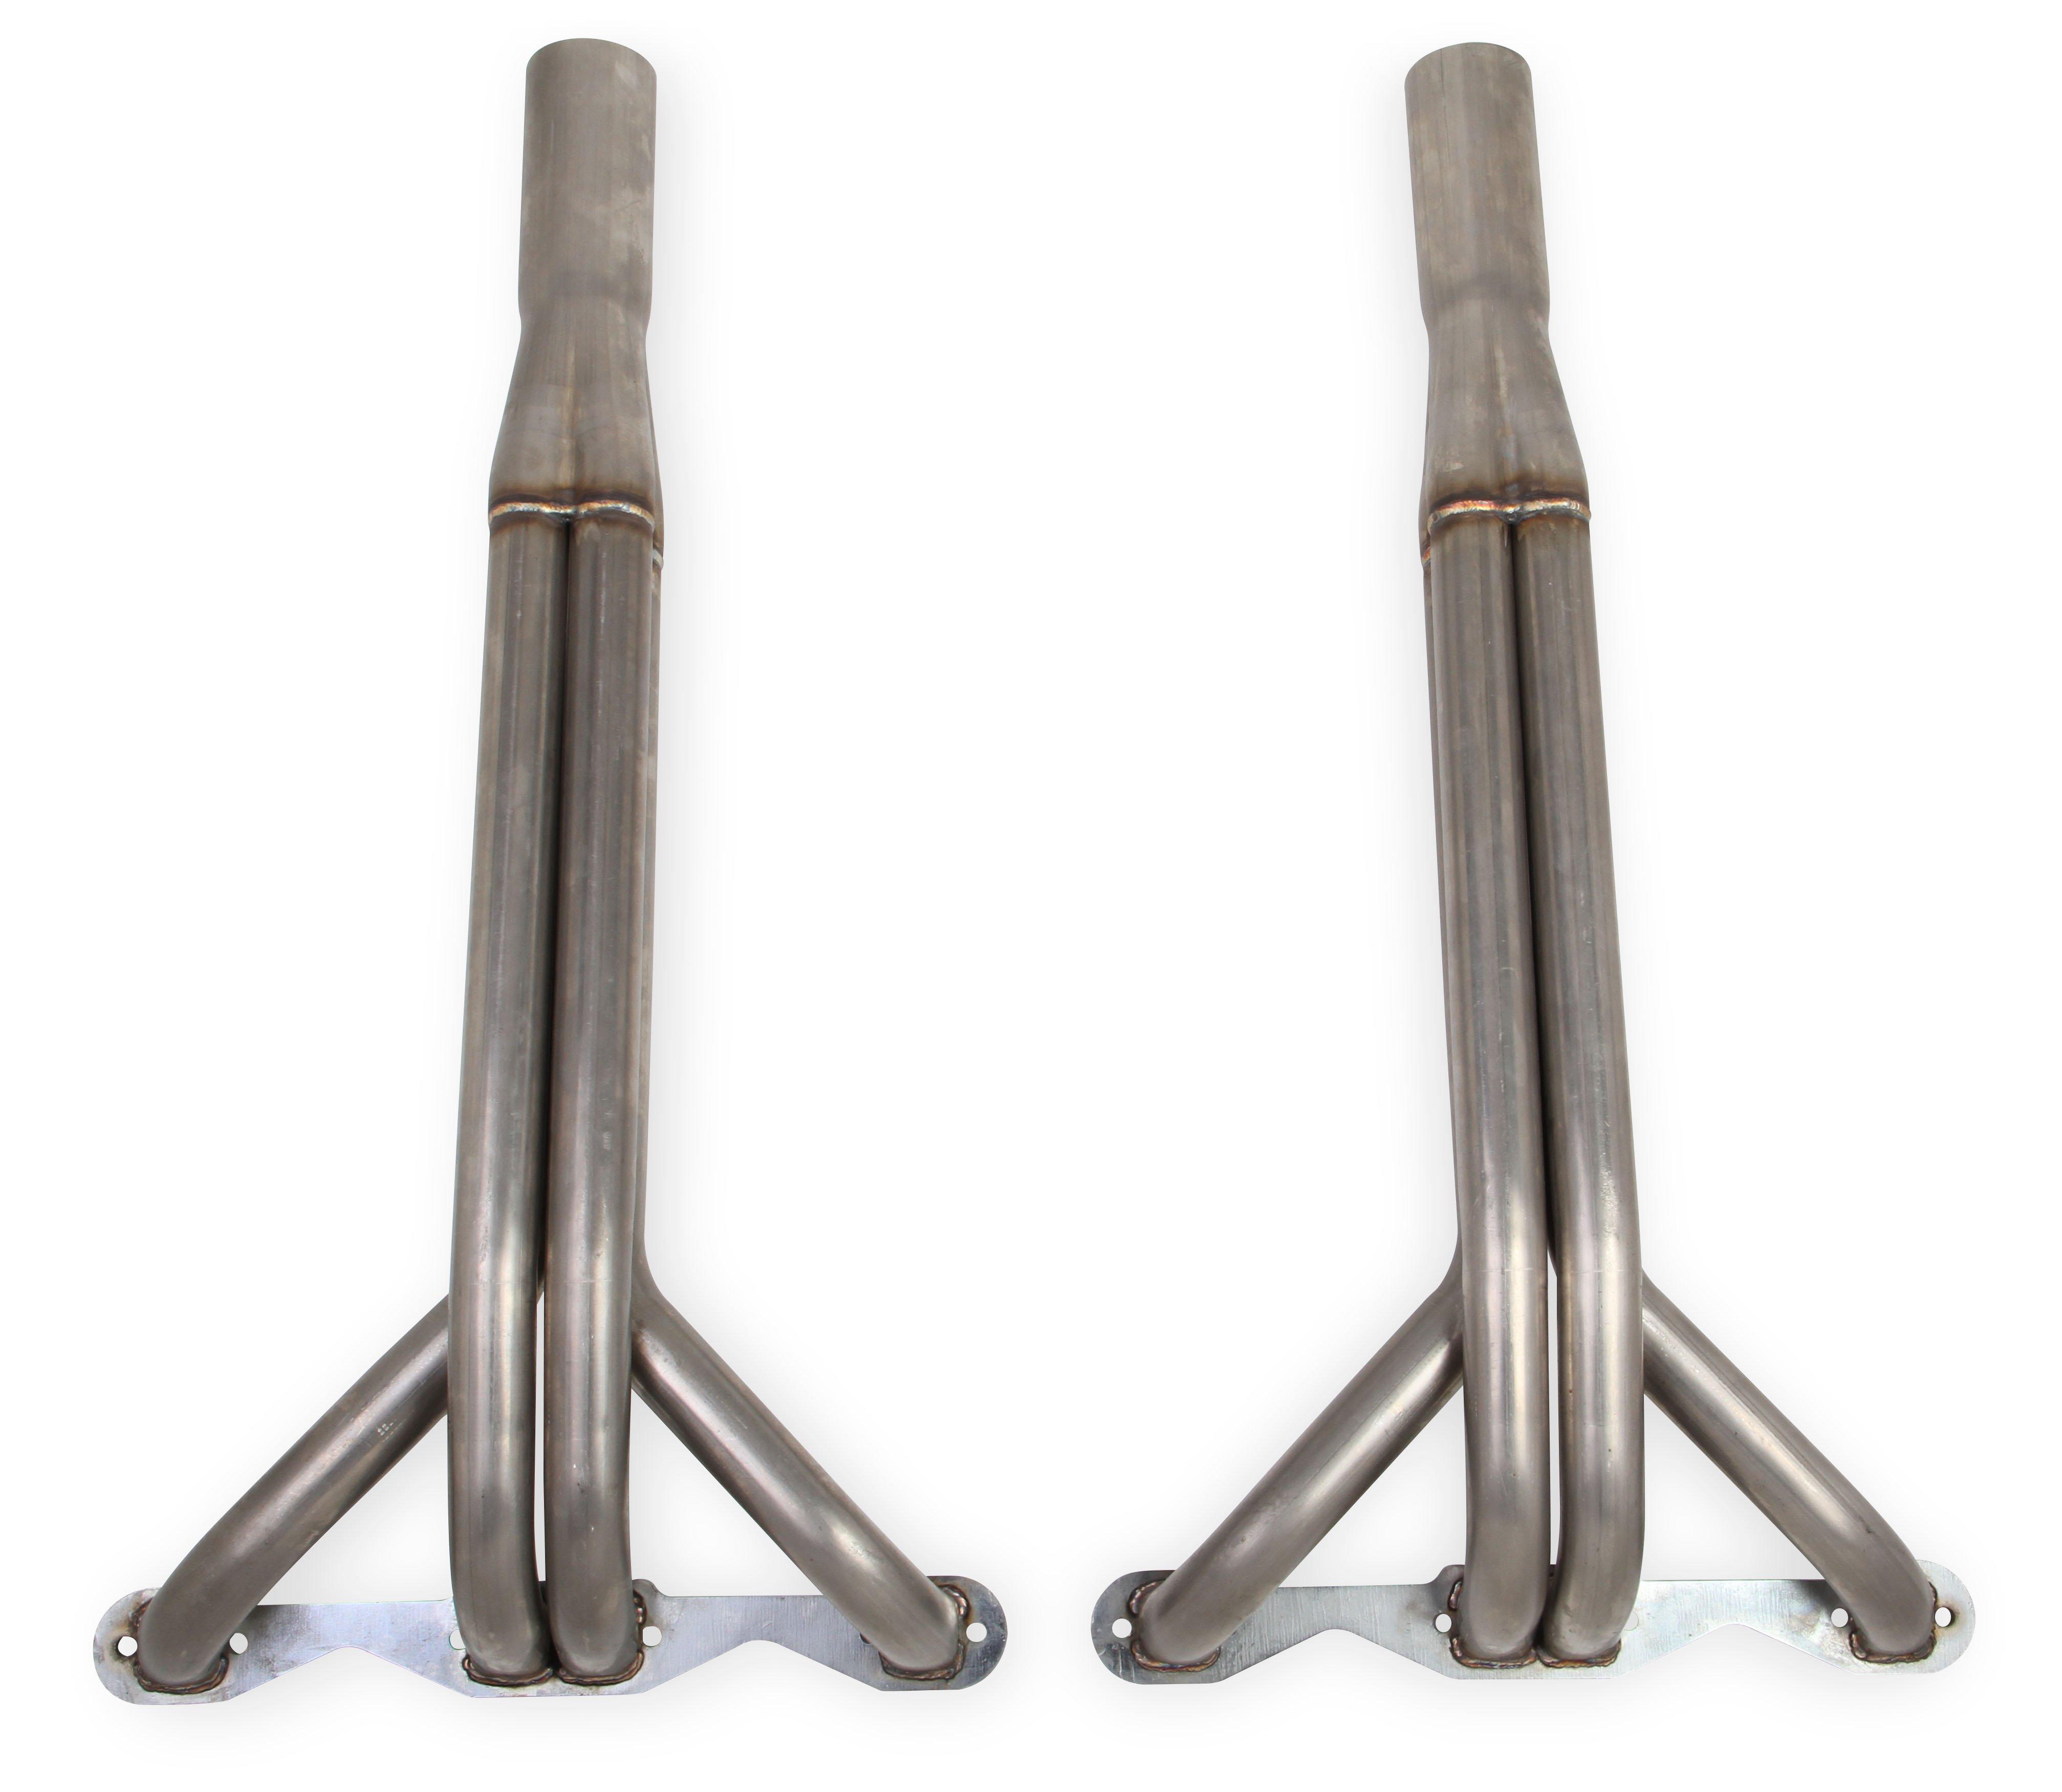 Flowtech Upright Headers